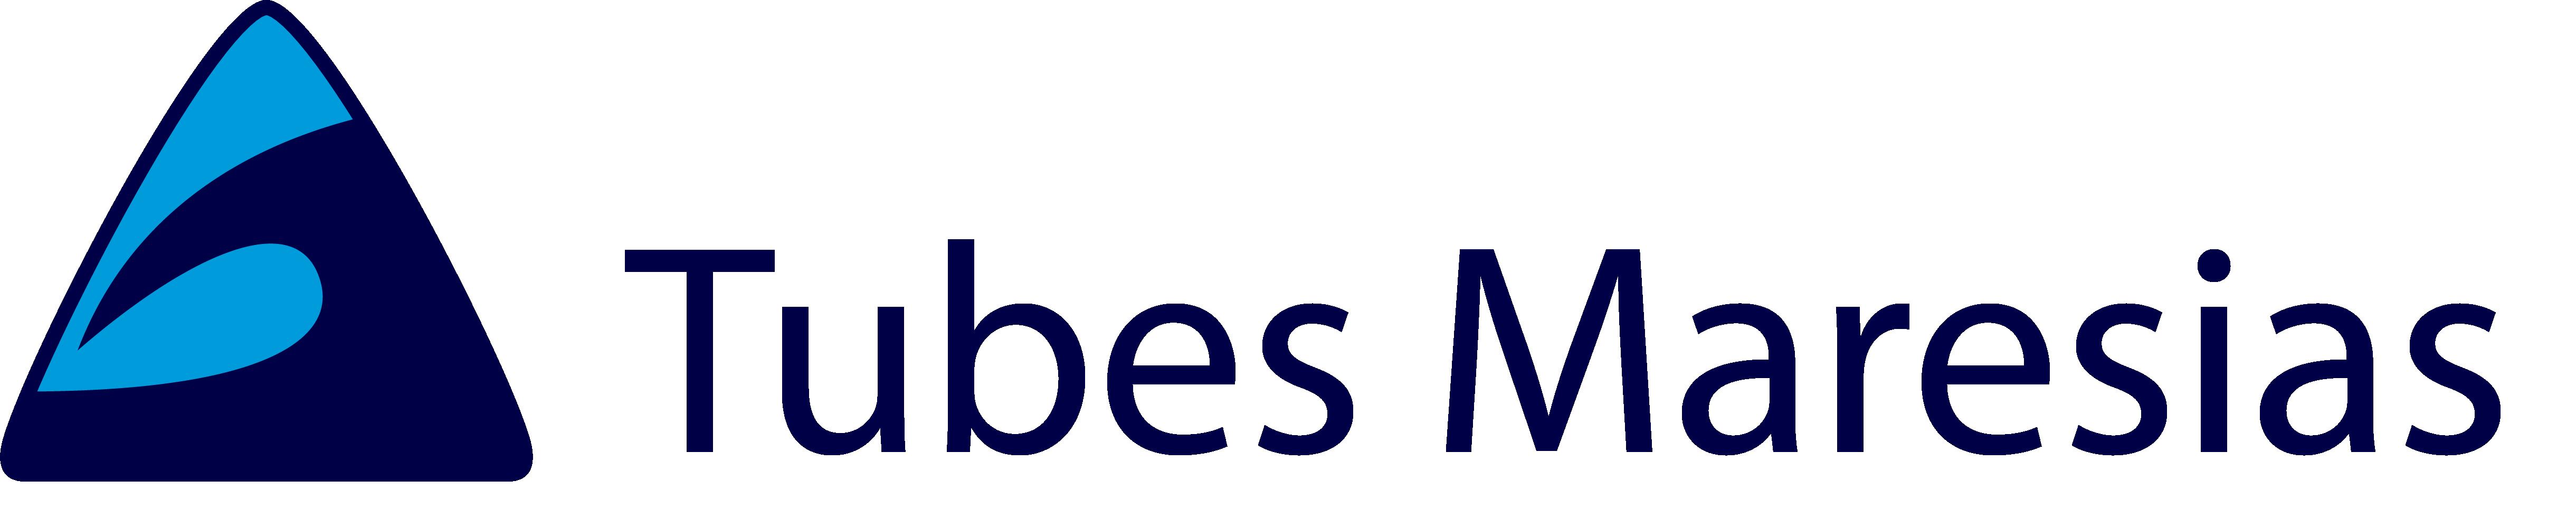 Tubes Maresias